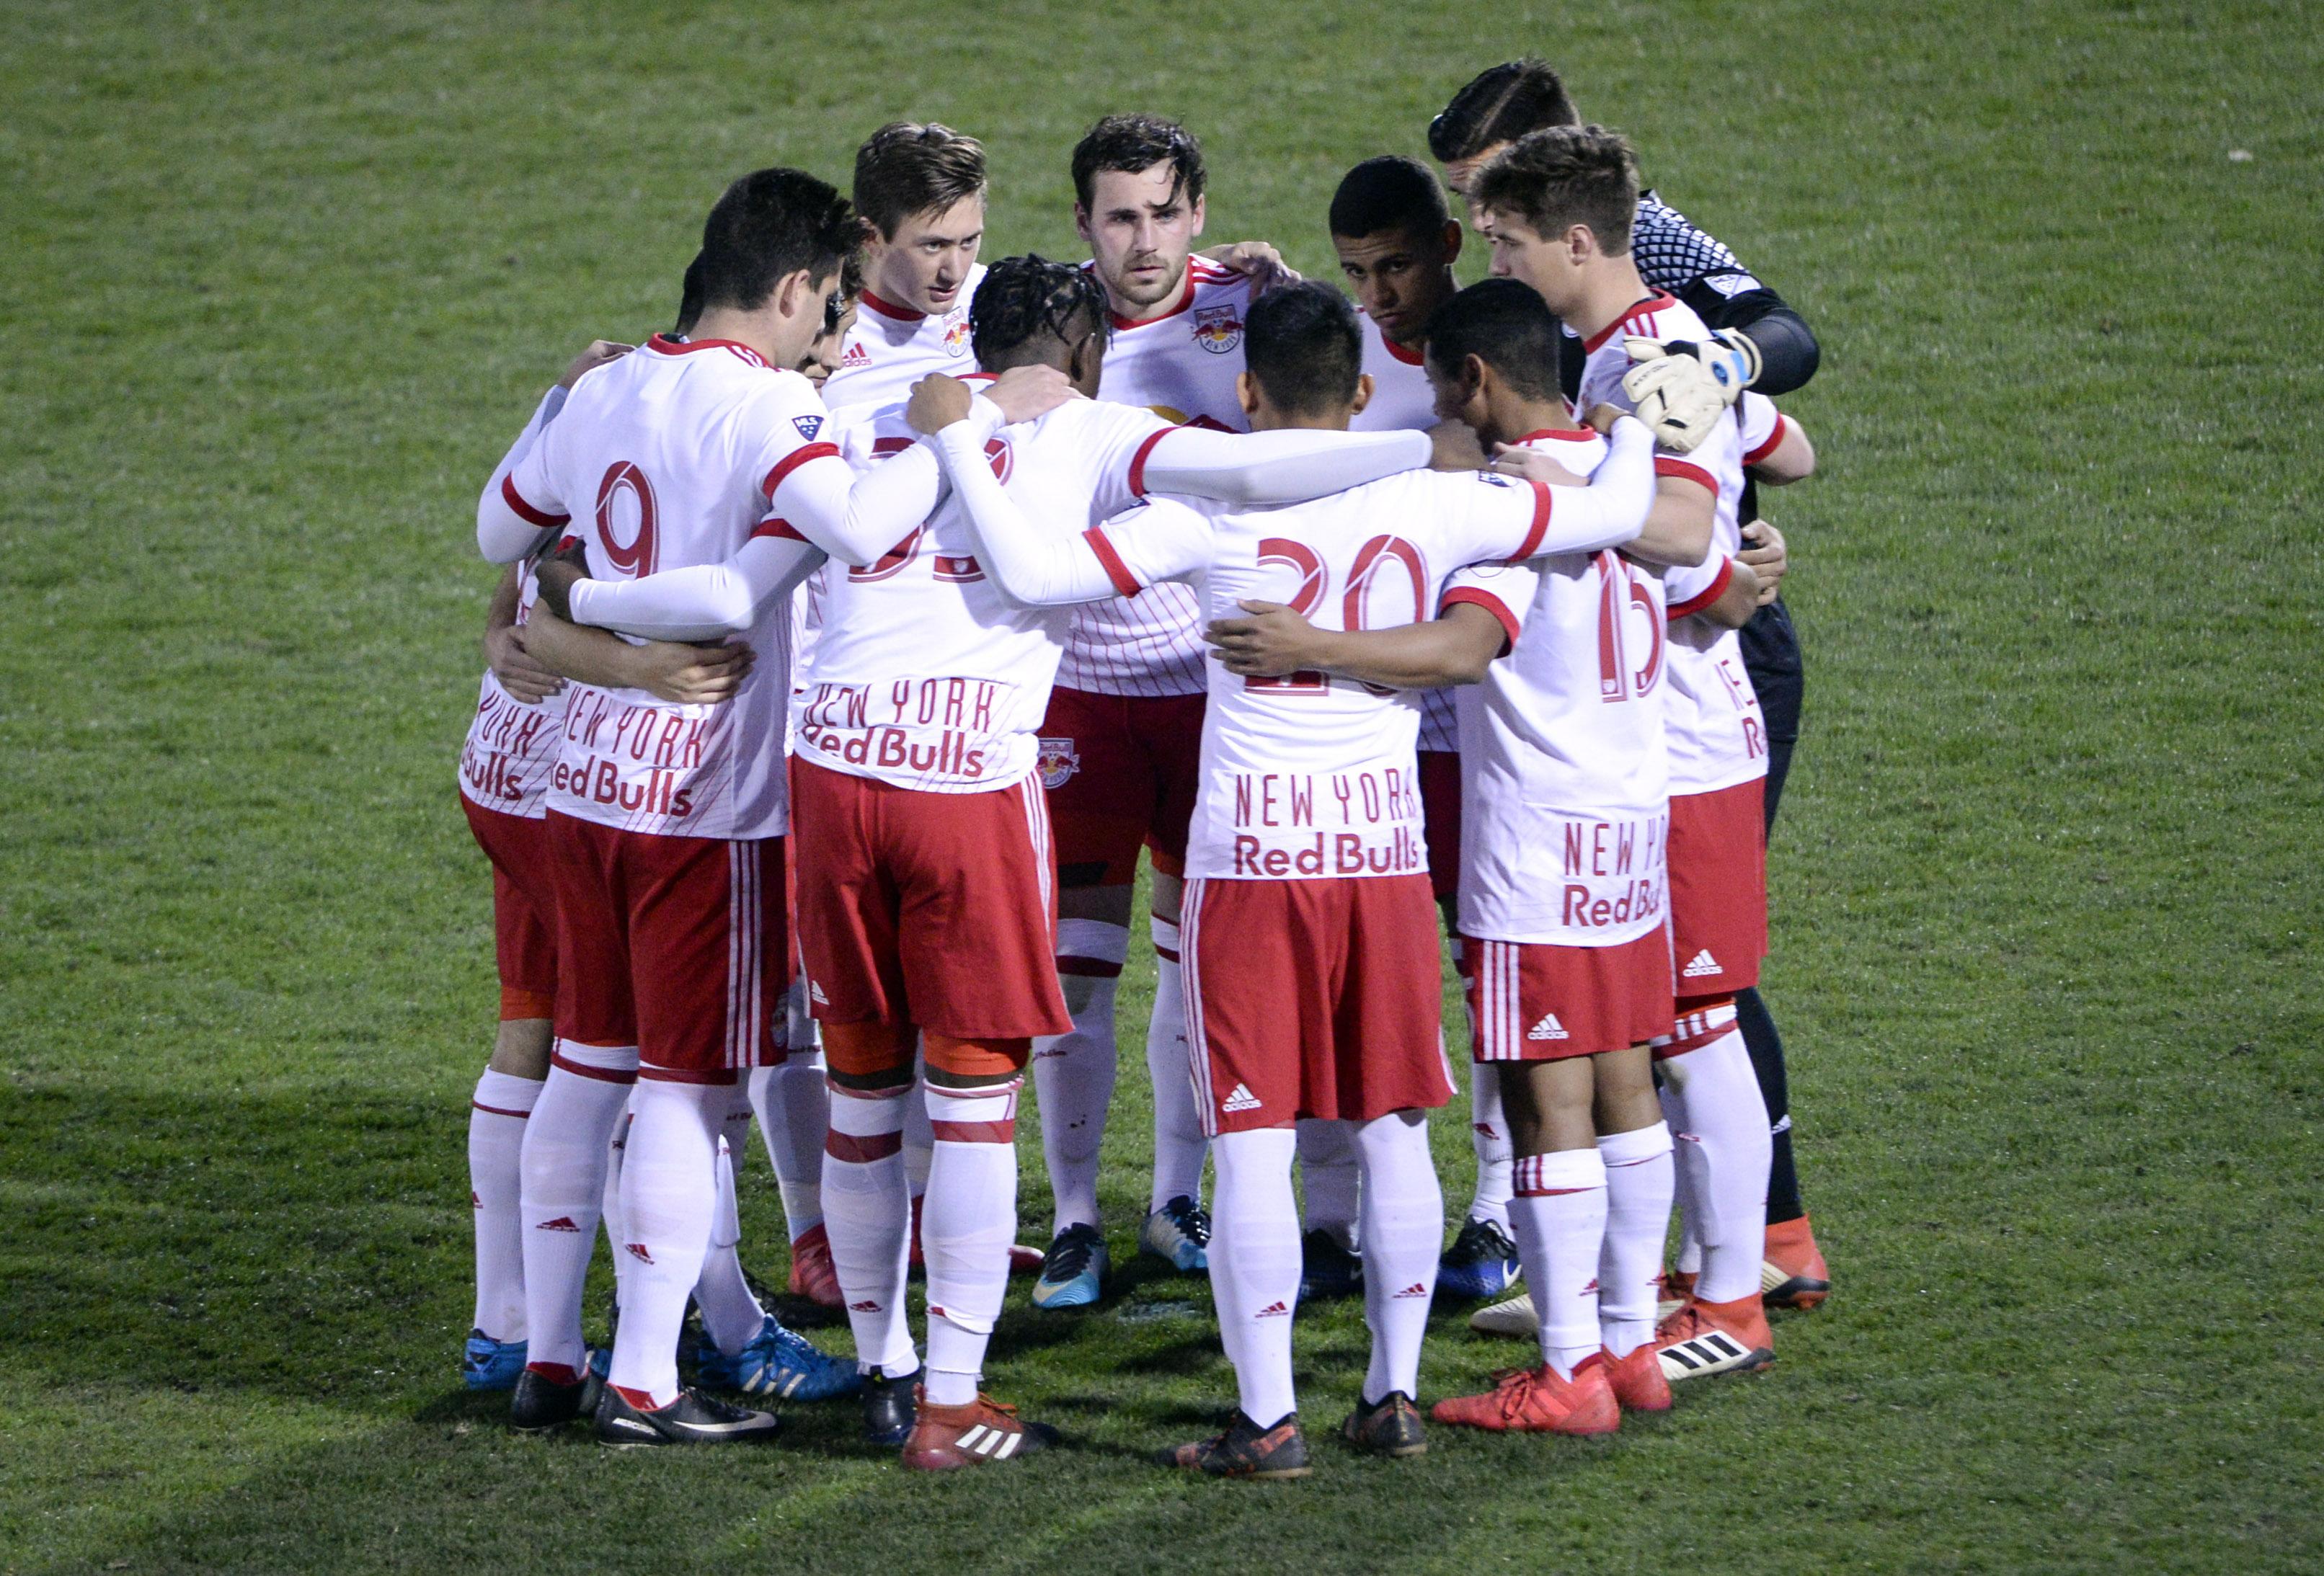 MLS: Houston Dynamo vs. NY Red Bulls